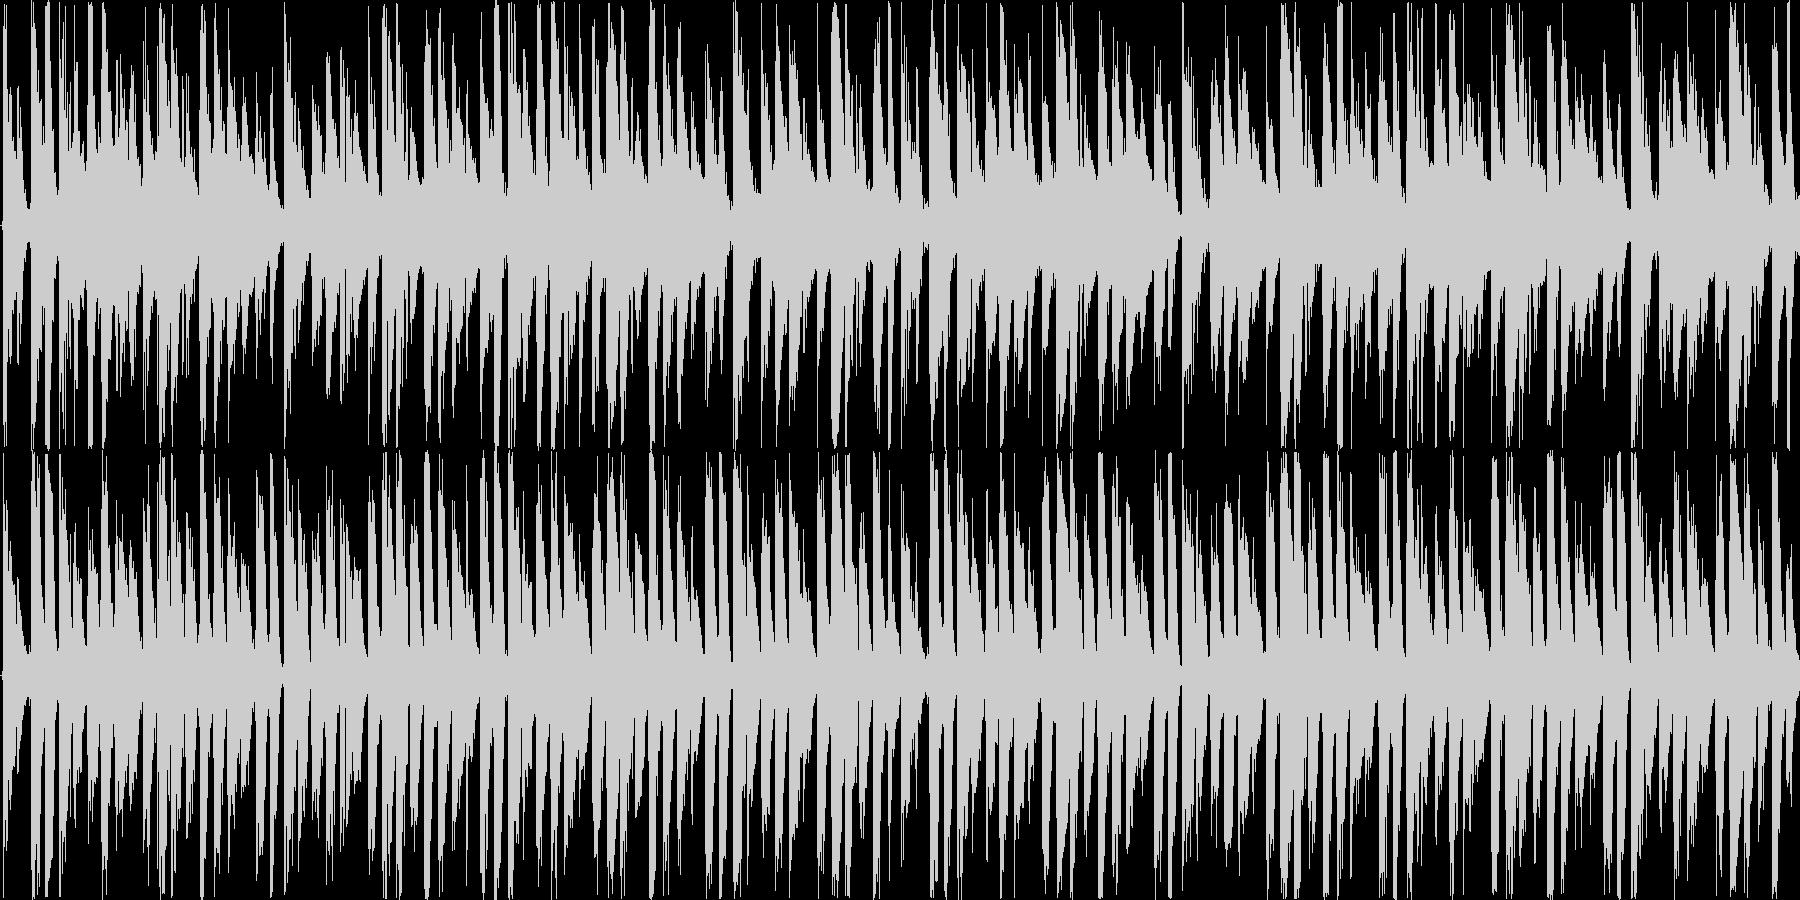 デトロイトを意識した楽曲です。の未再生の波形